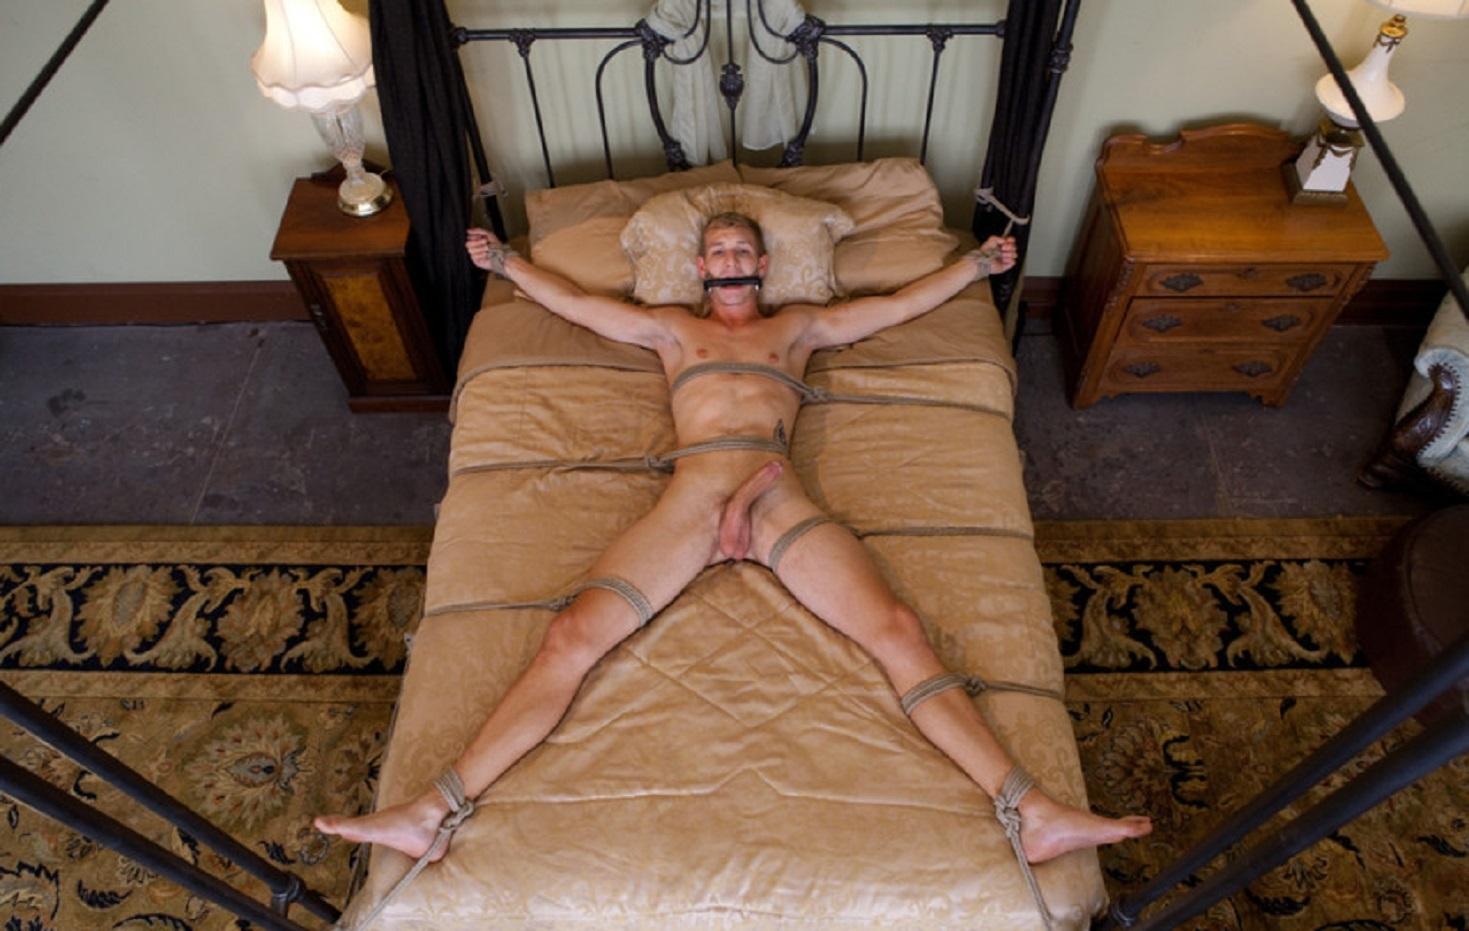 девушка лежит привязанная к кровати а мужчина ее трахает видео